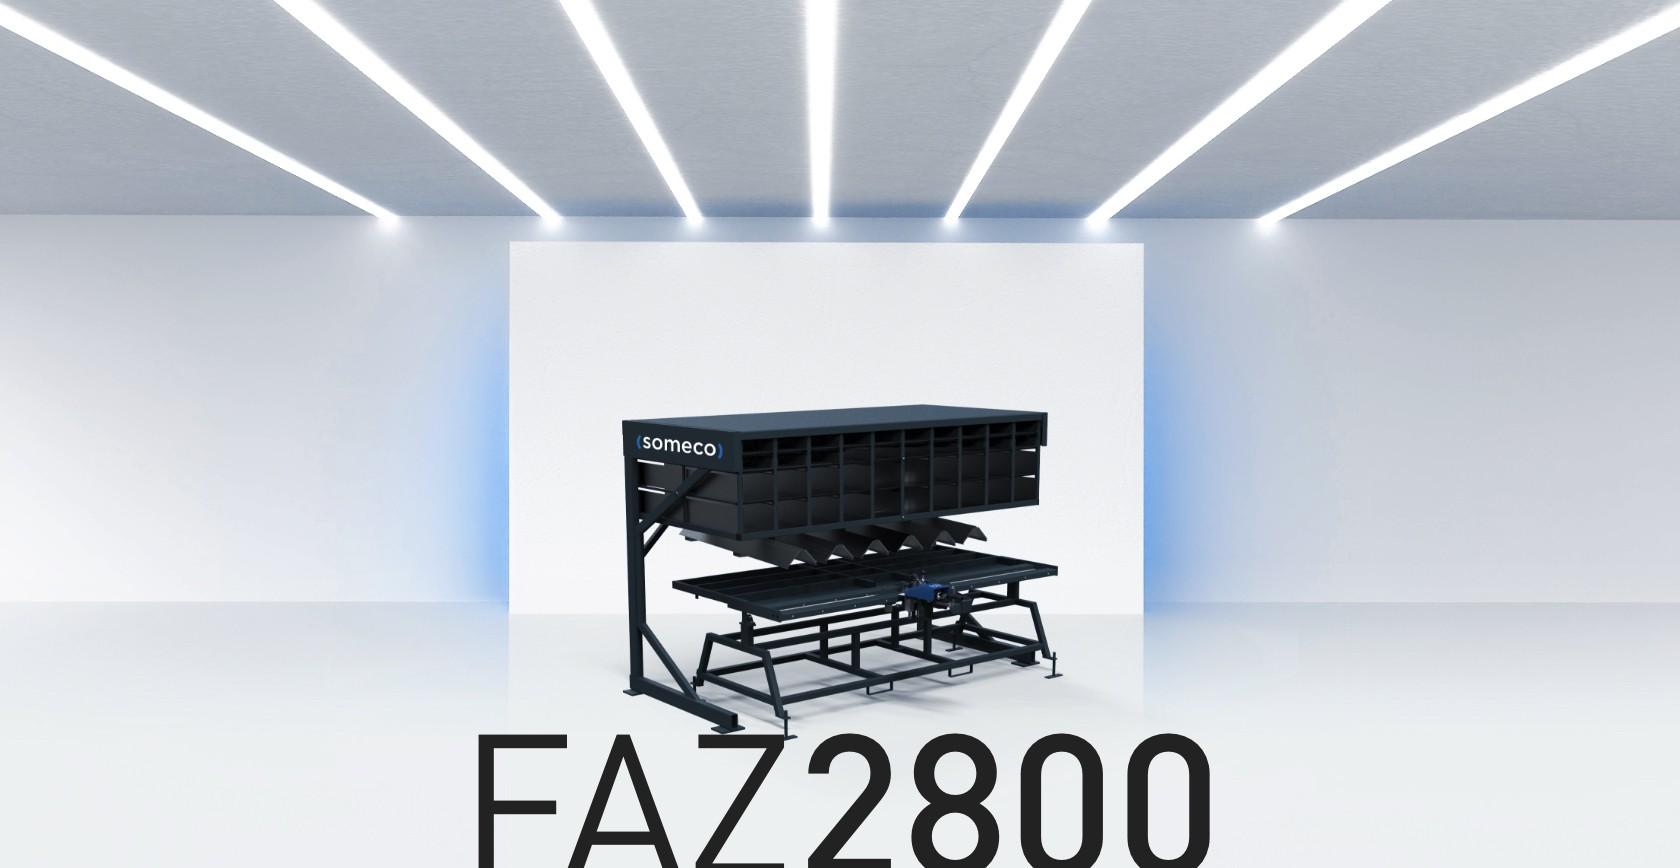 Someco - FAZ 2800